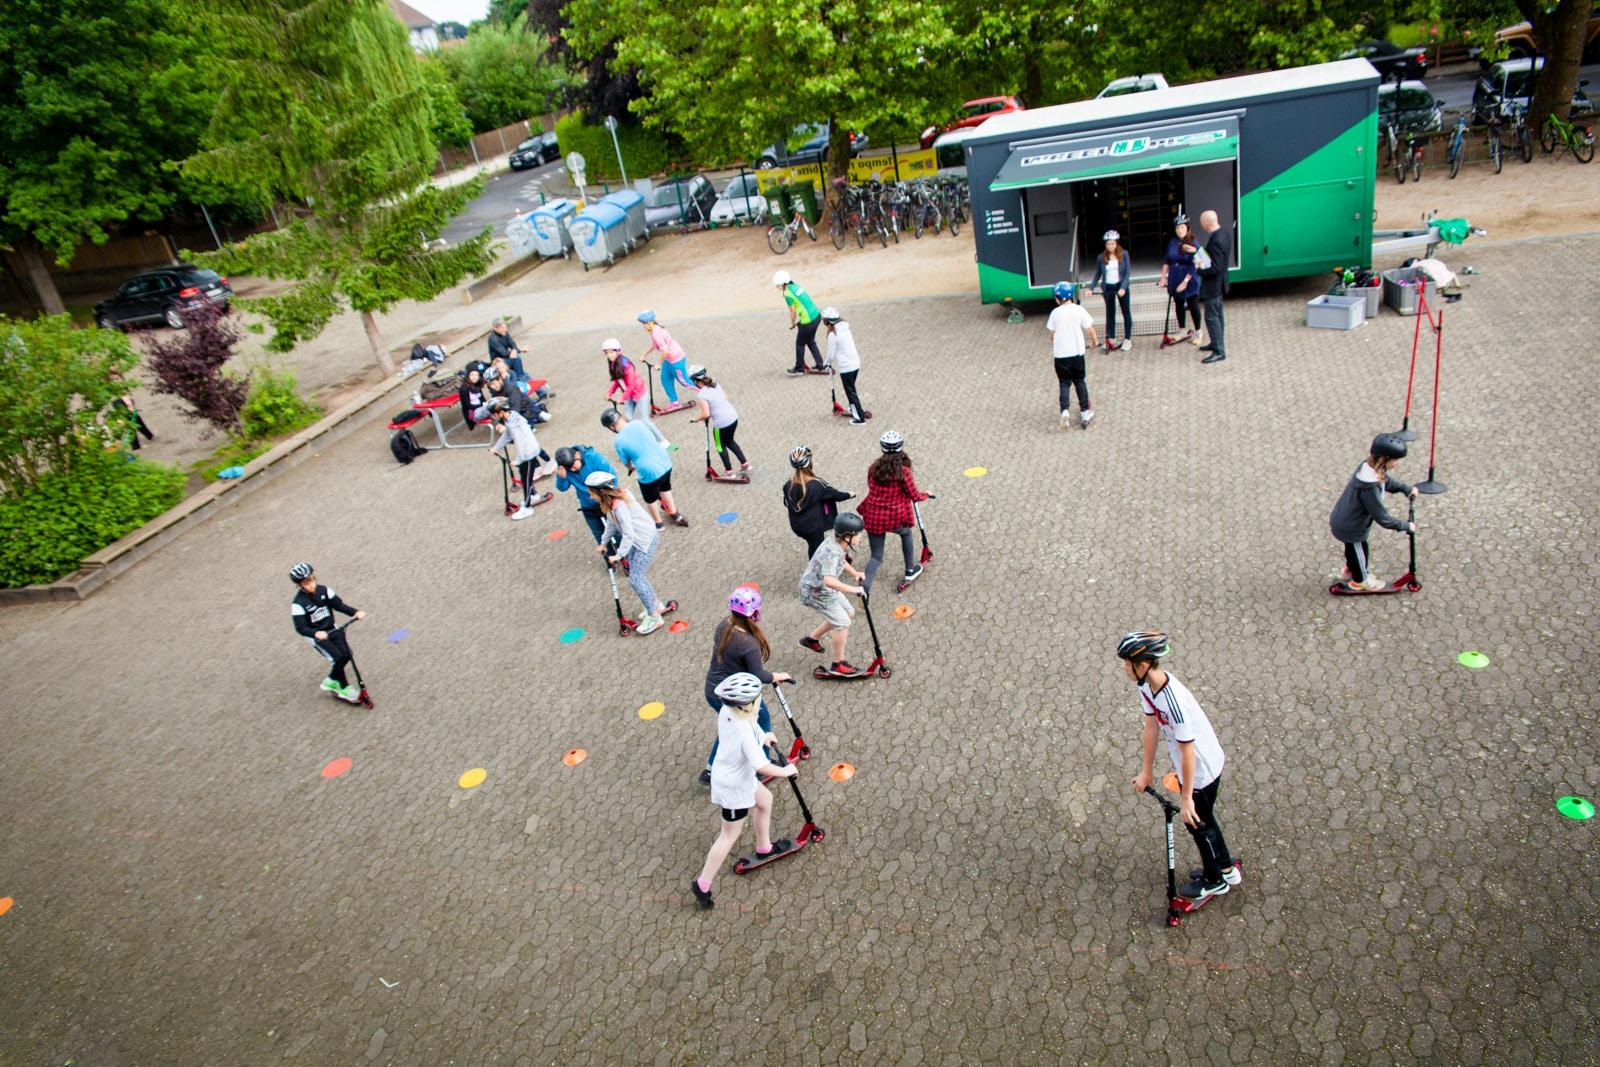 Kinder fahren mit ihren Rollern auf dem Schulhofparcour von Wheel up AOK Hessen